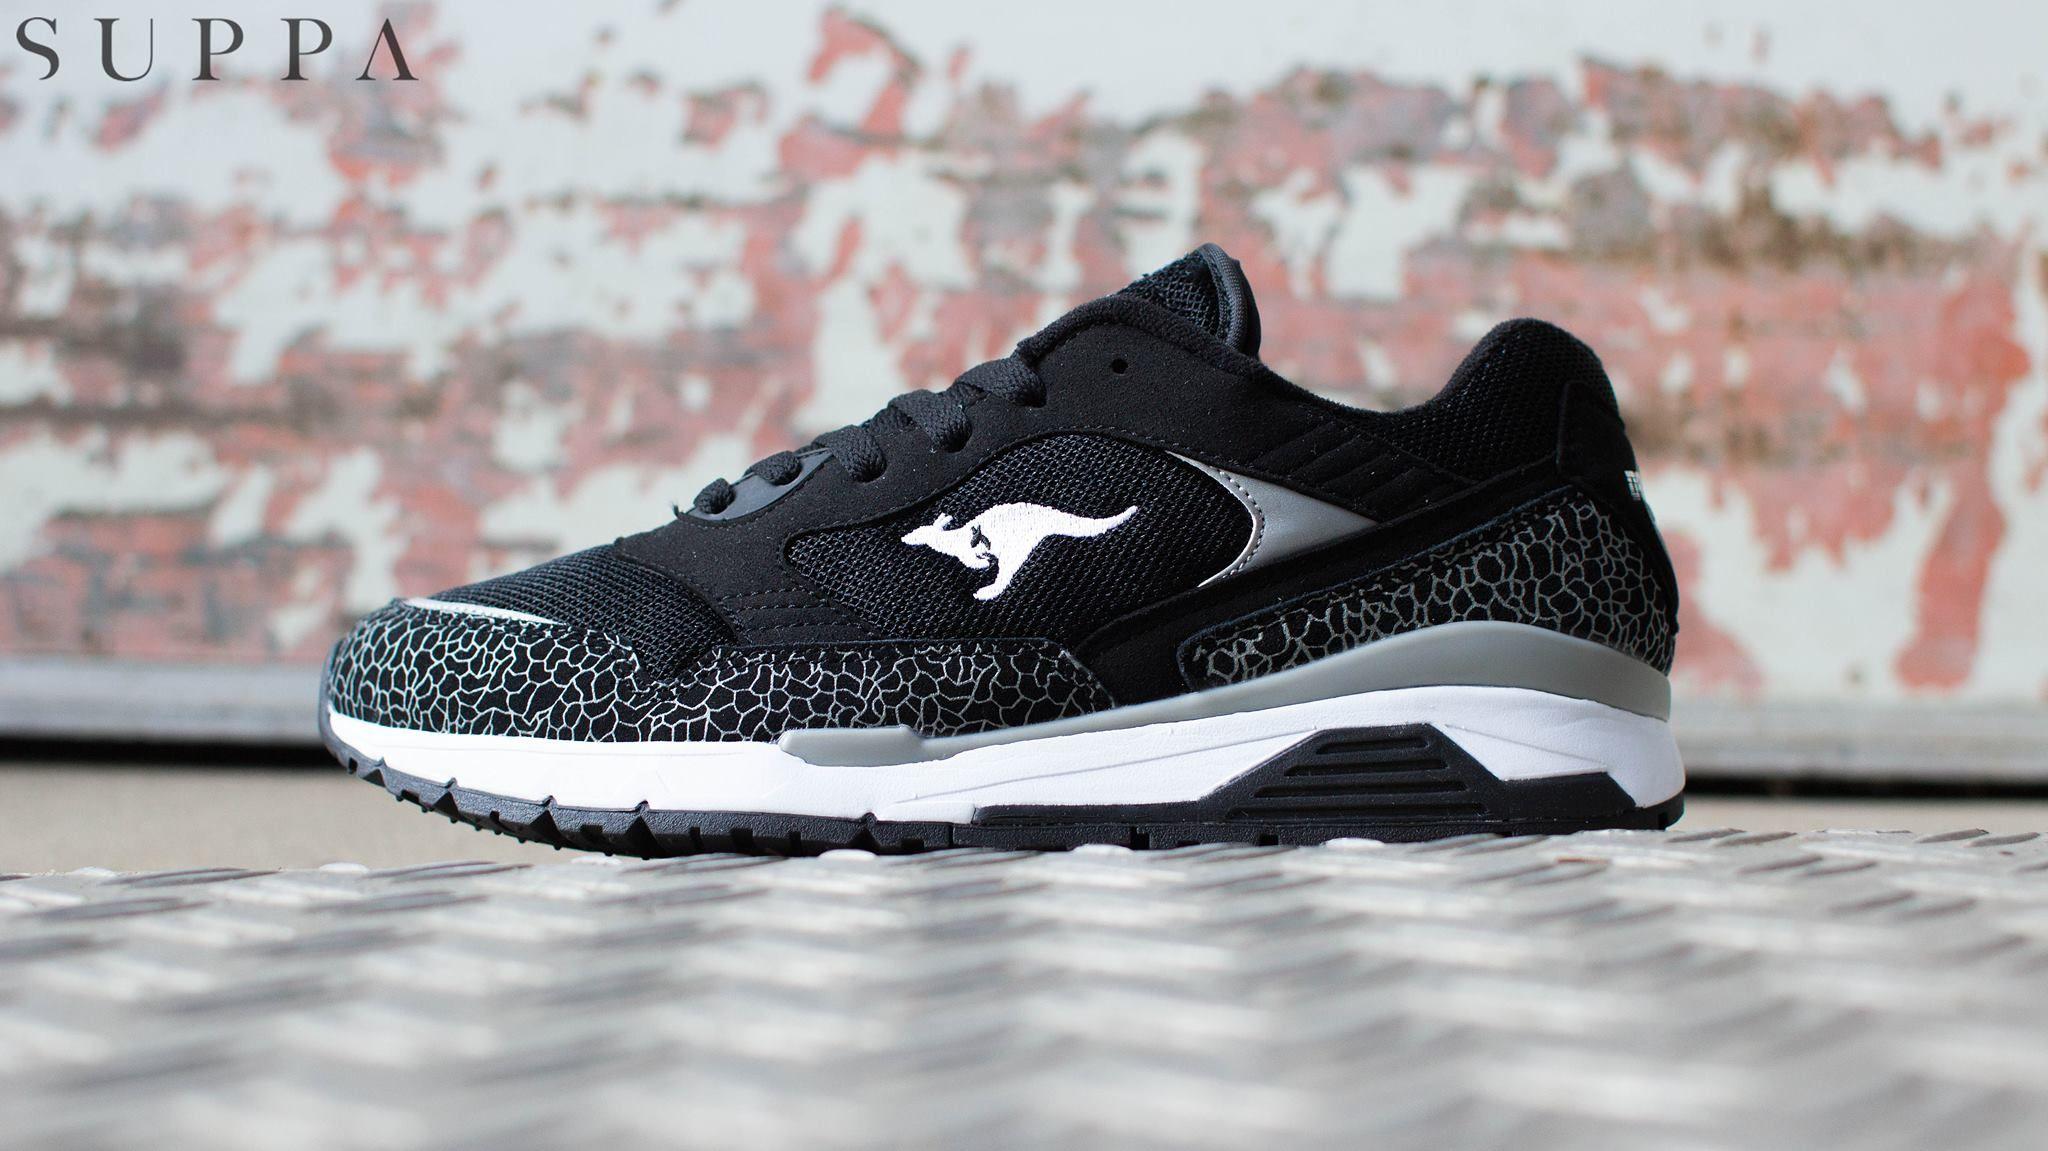 Kangaroos Ultimate Black And Red Sneakers Underarmor Sneaker